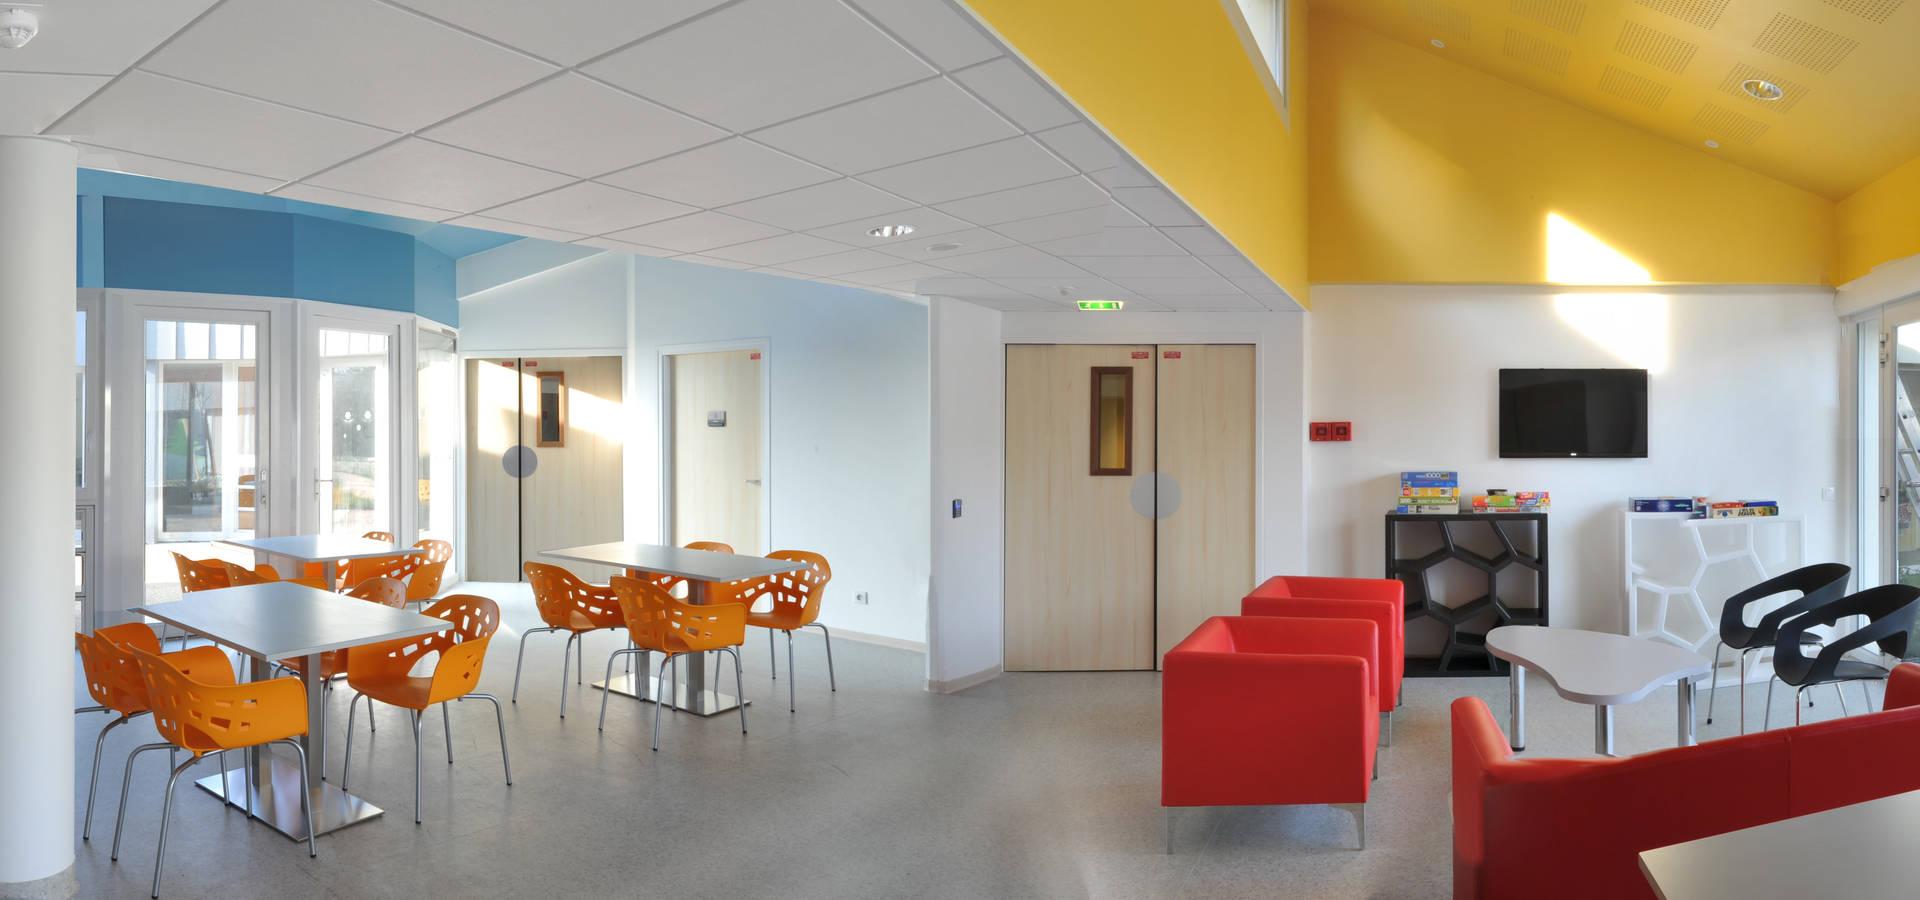 Foyer D Accueil Médicalisé Salon De Provence : Foyer d accueil medicalise pour personnes handicapees